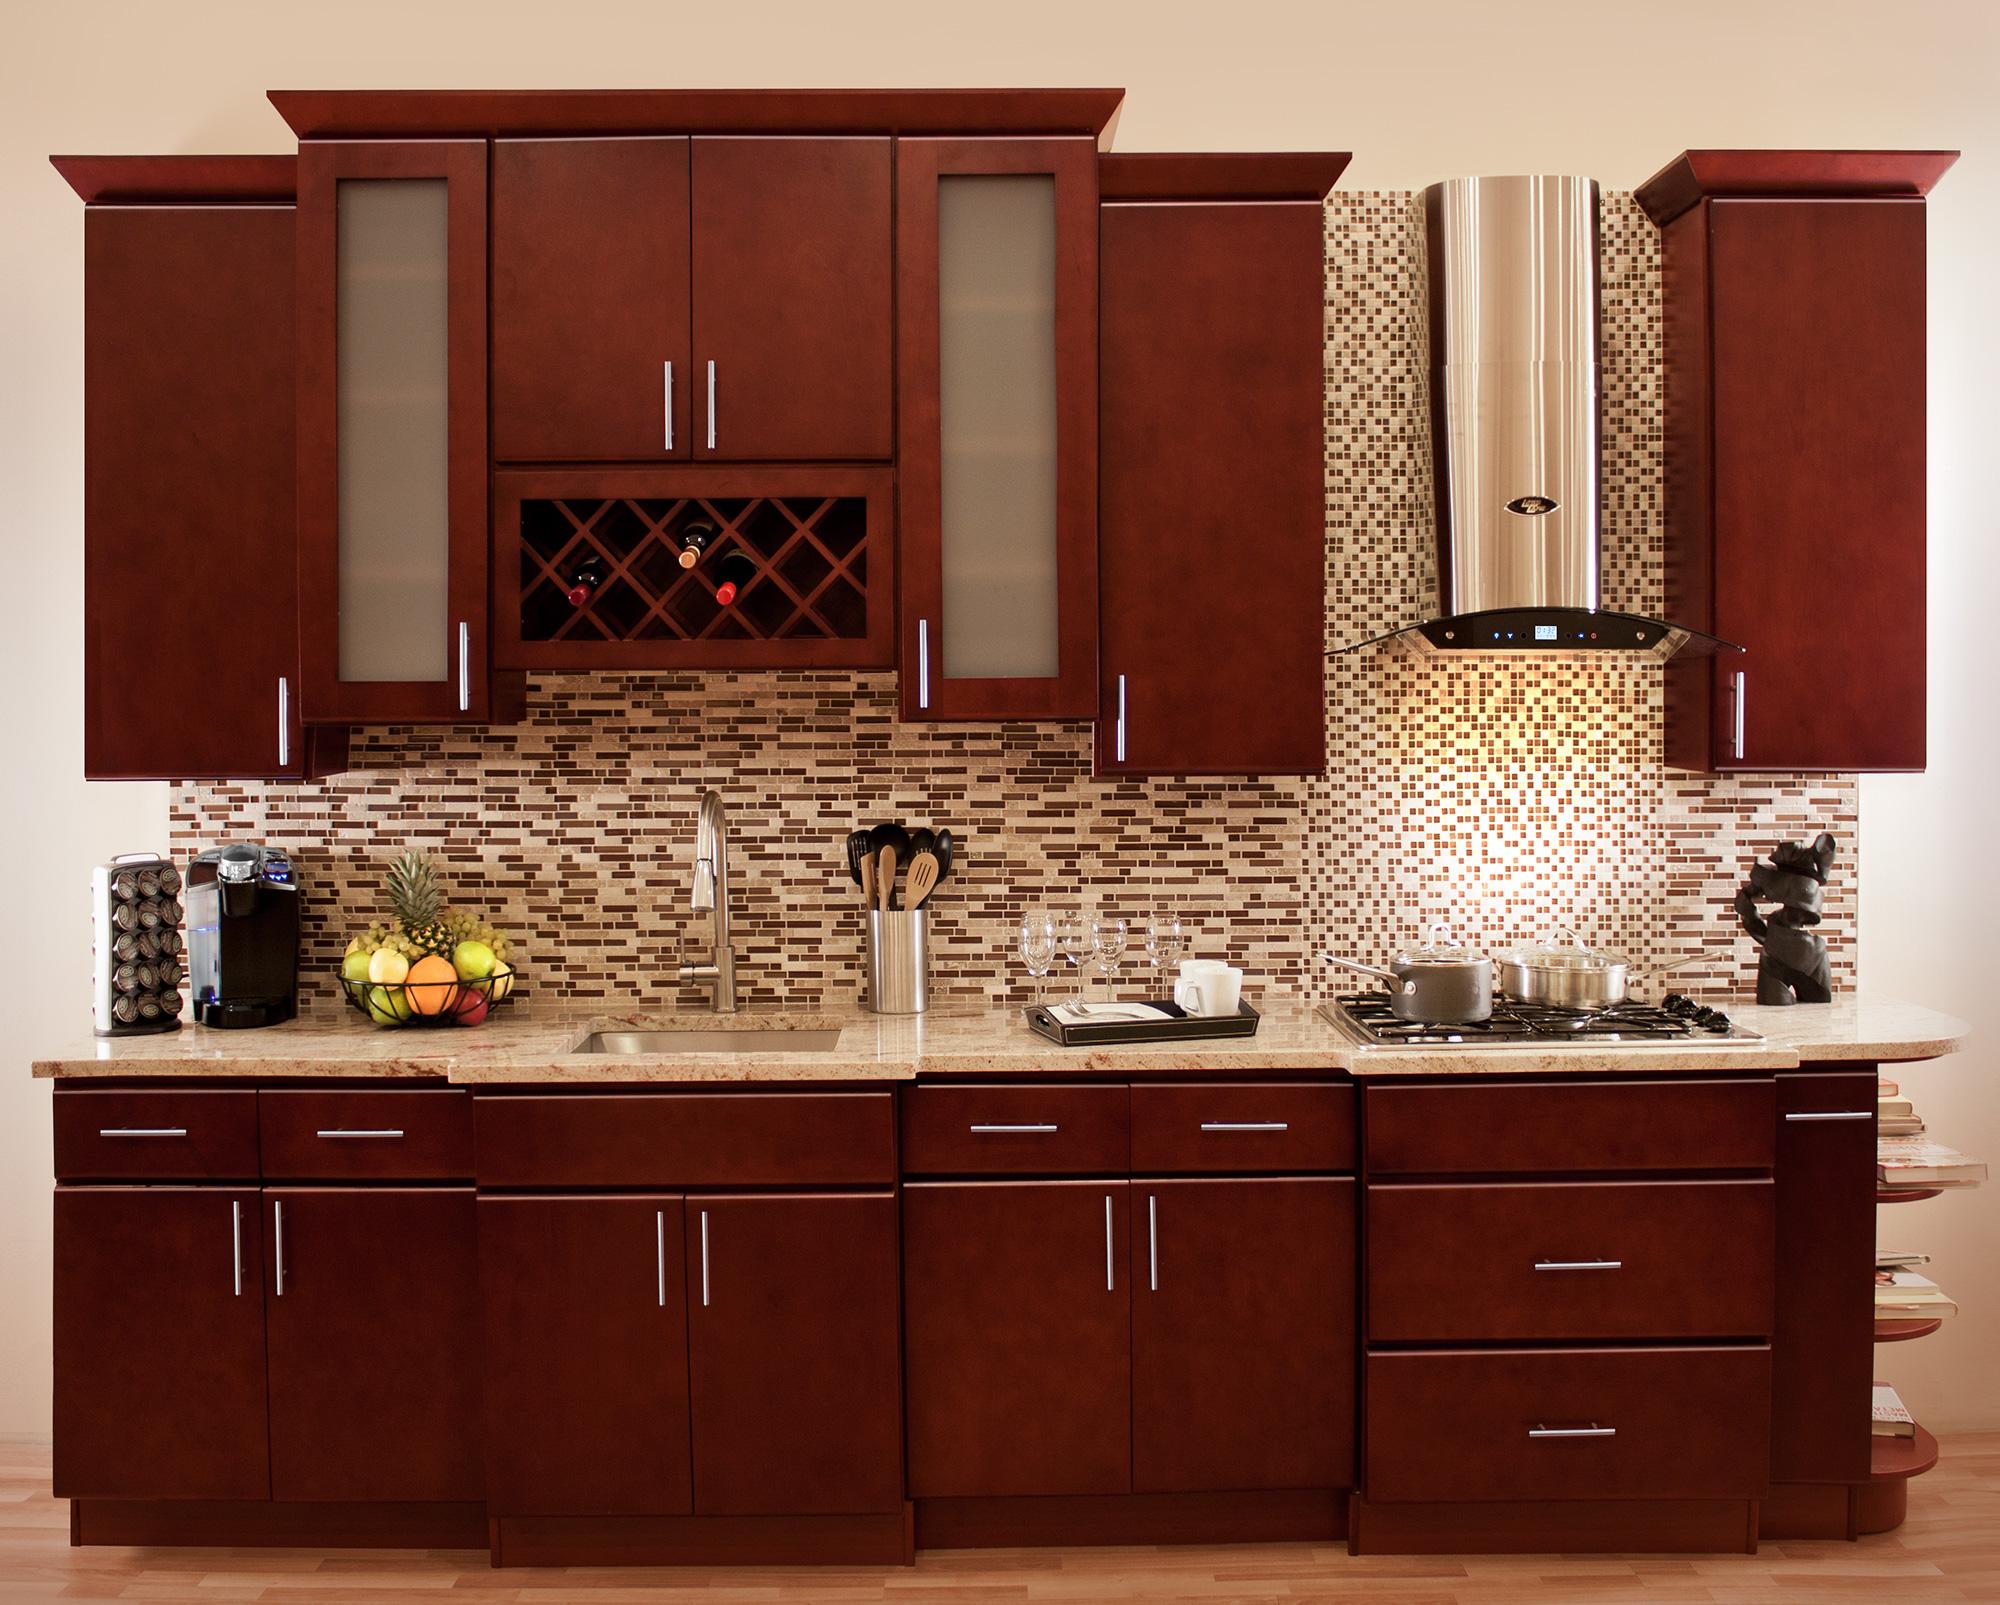 idées-de-cuisine-armoires-marron-13